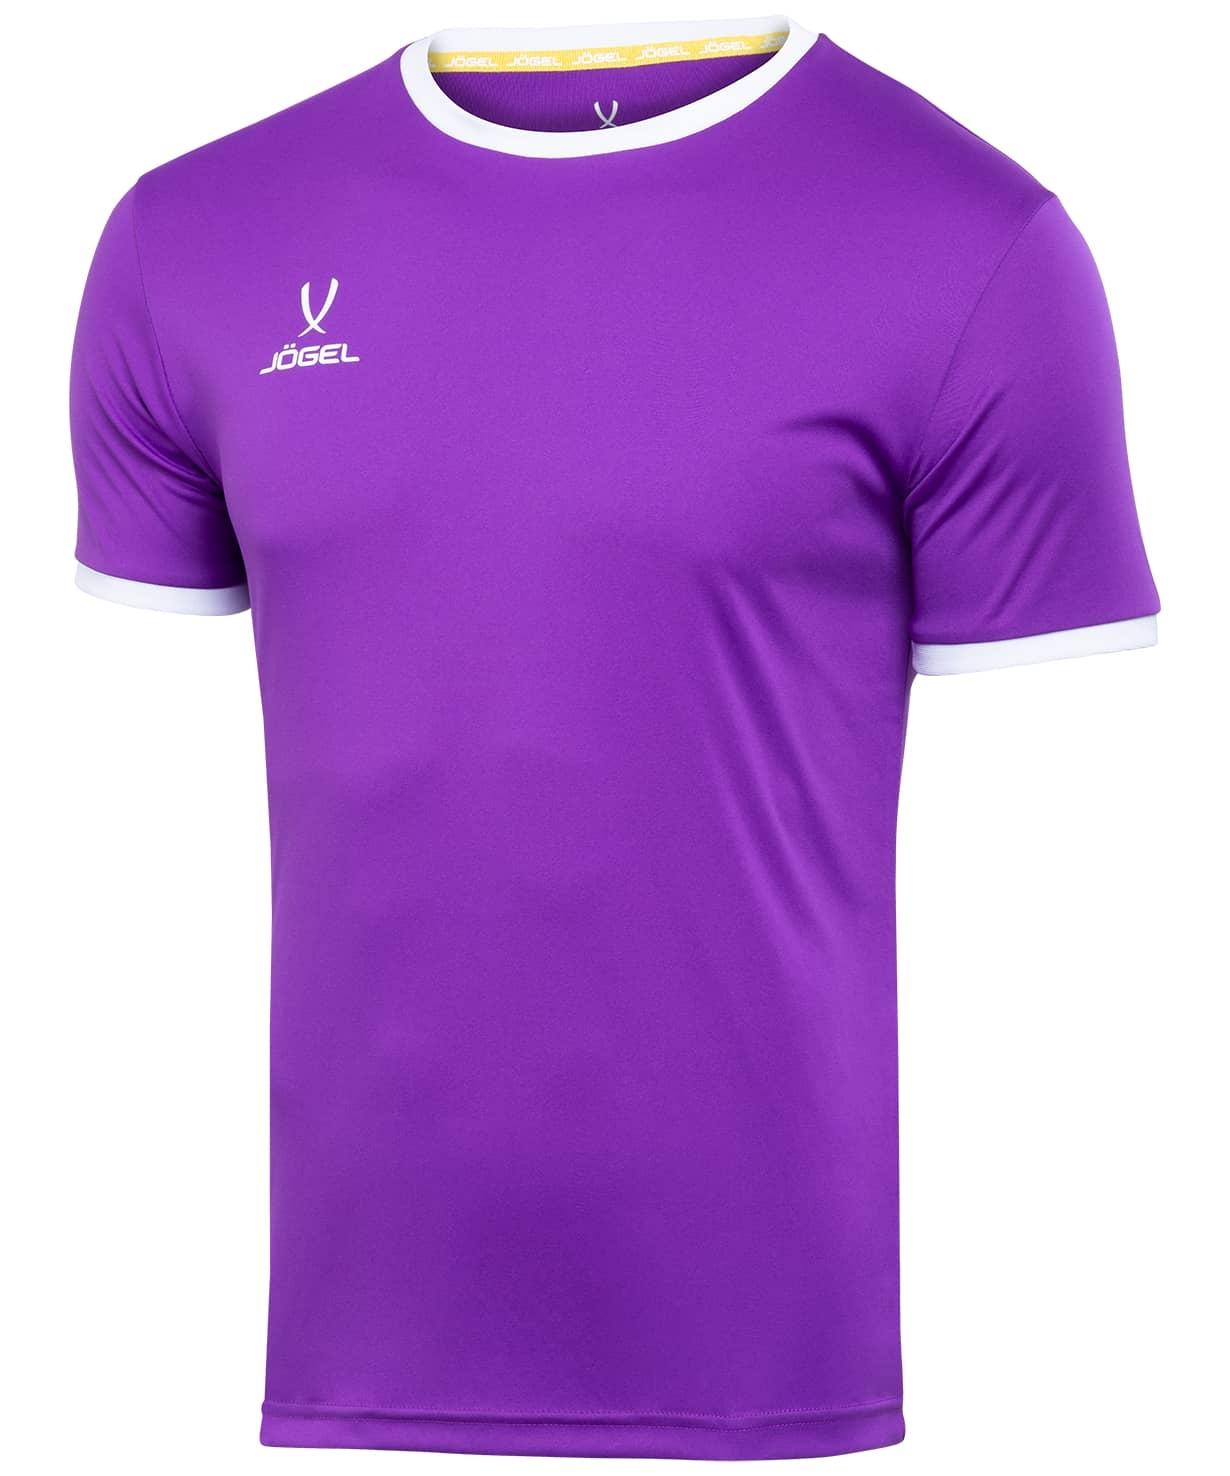 Футболка футбольная CAMP Origin JFT-1020-V1-K, фиолетовый/белый, детская